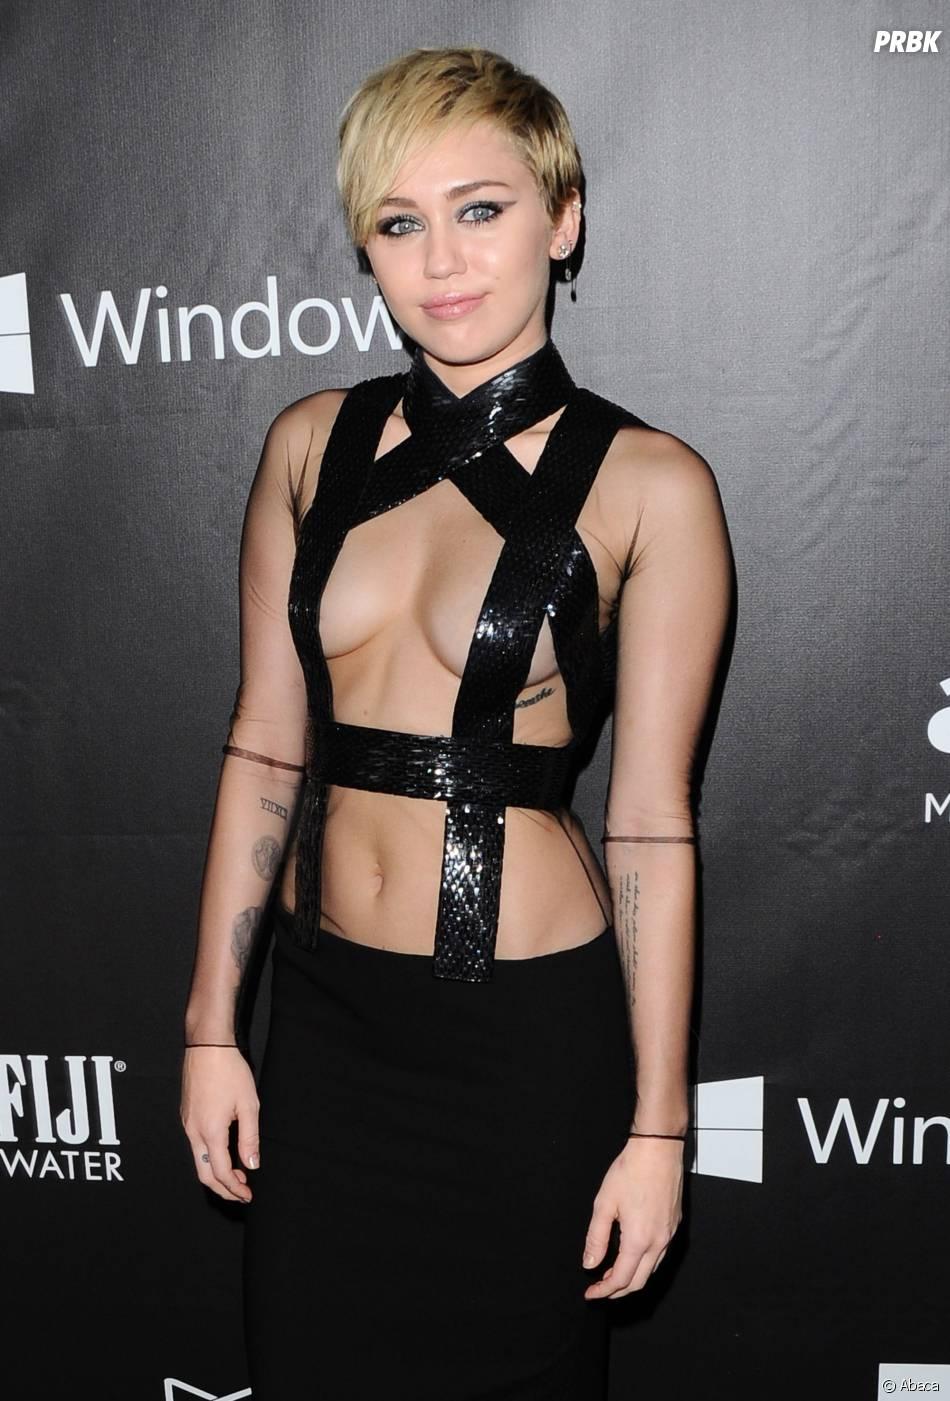 Miley Cyrus mariée à PatrickSchwarzenegger ? La rumeur peu crédible